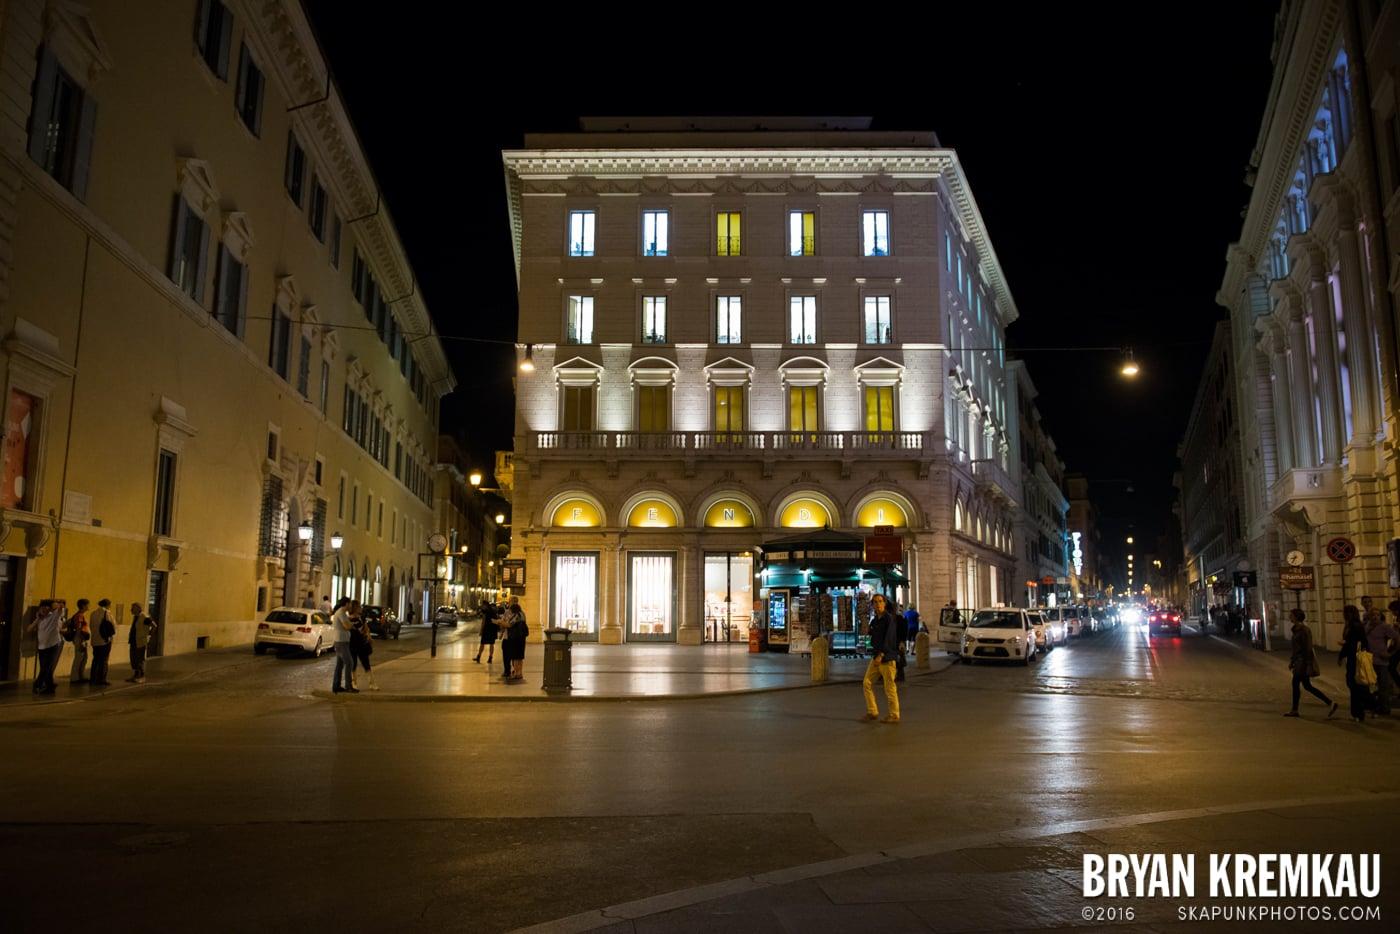 Italy Vacation - Day 3: Rome - 9.11.13 (2)